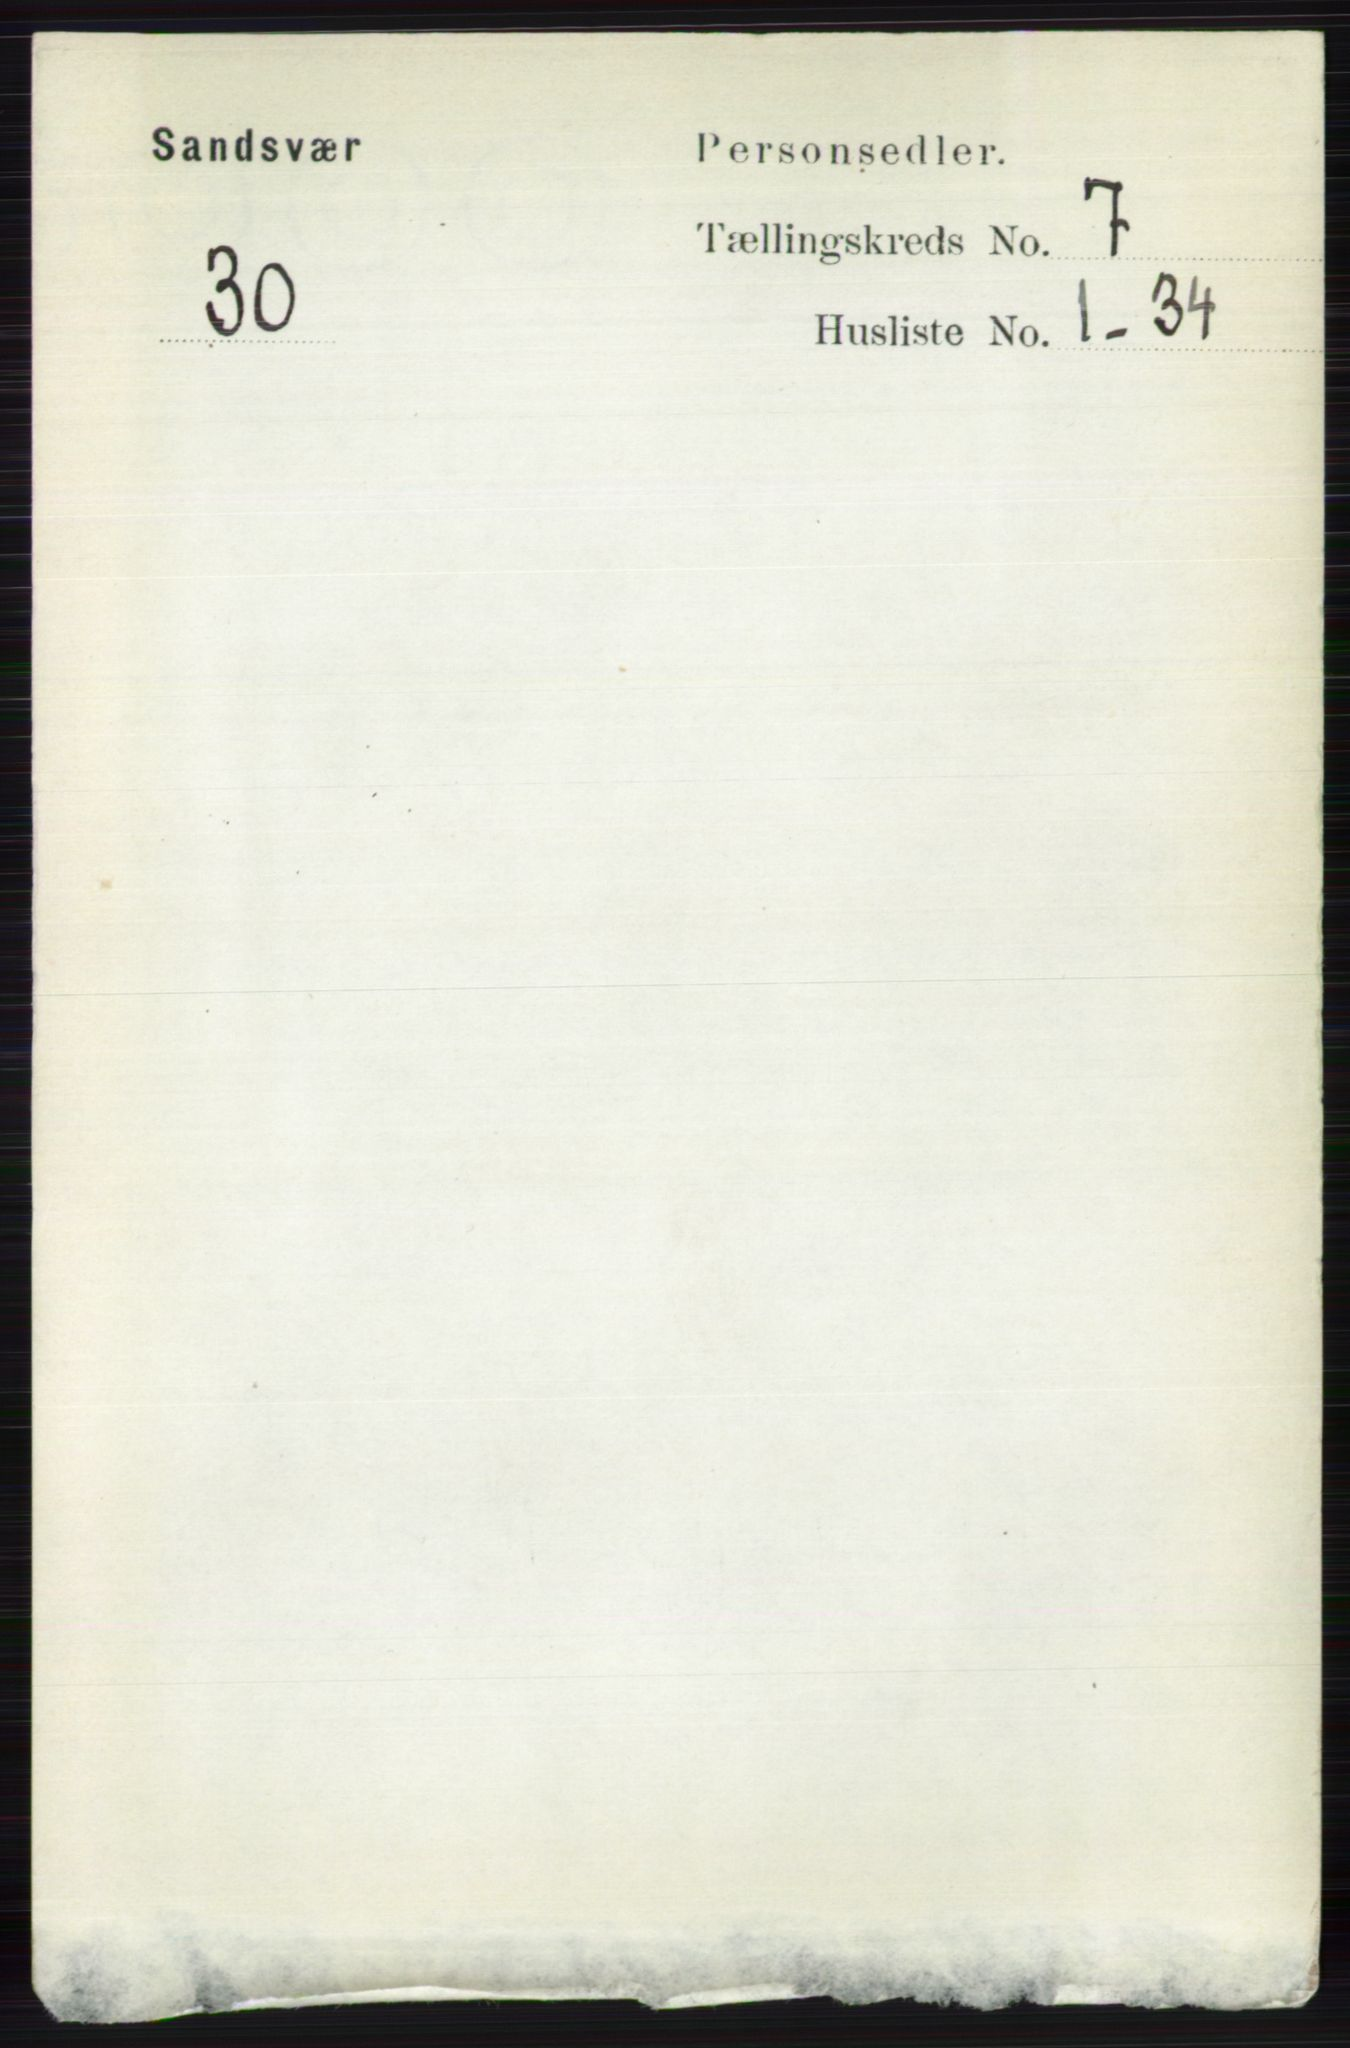 RA, Folketelling 1891 for 0629 Sandsvær herred, 1891, s. 3982